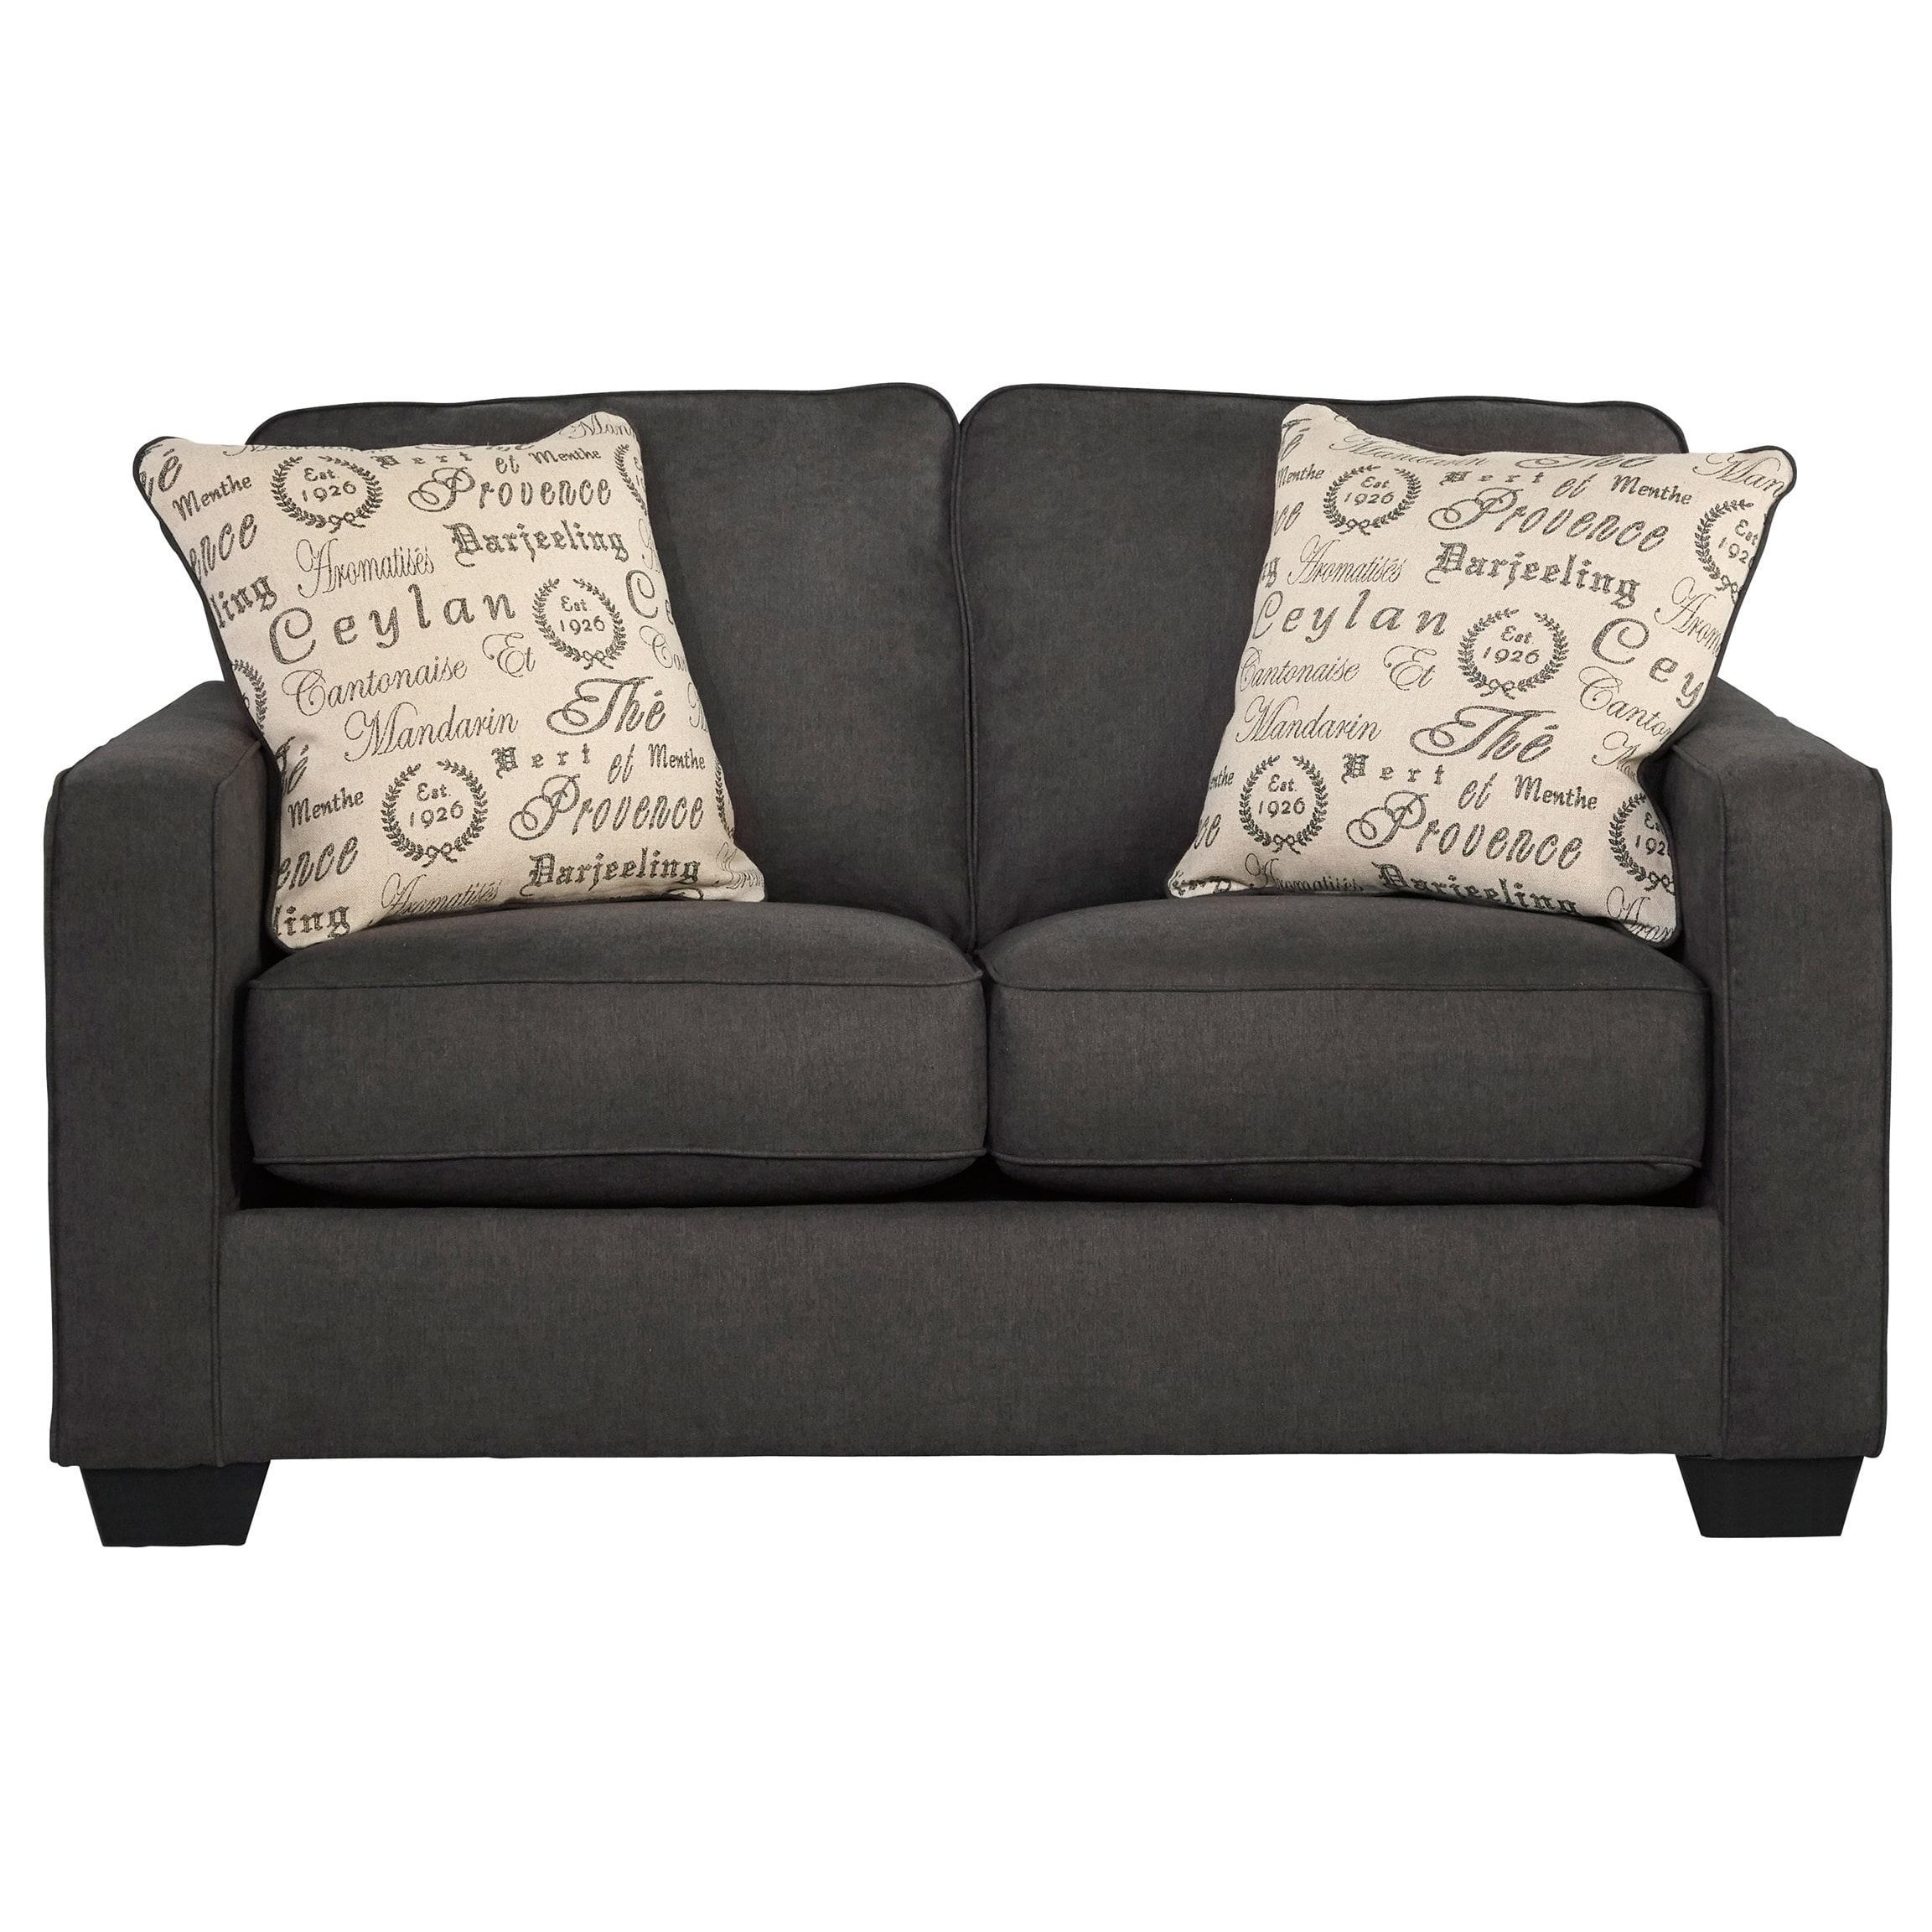 Signature Designashley Sofas, Couches & Loveseats – Shop The Regarding Ashley Tufted Sofa (Image 15 of 20)